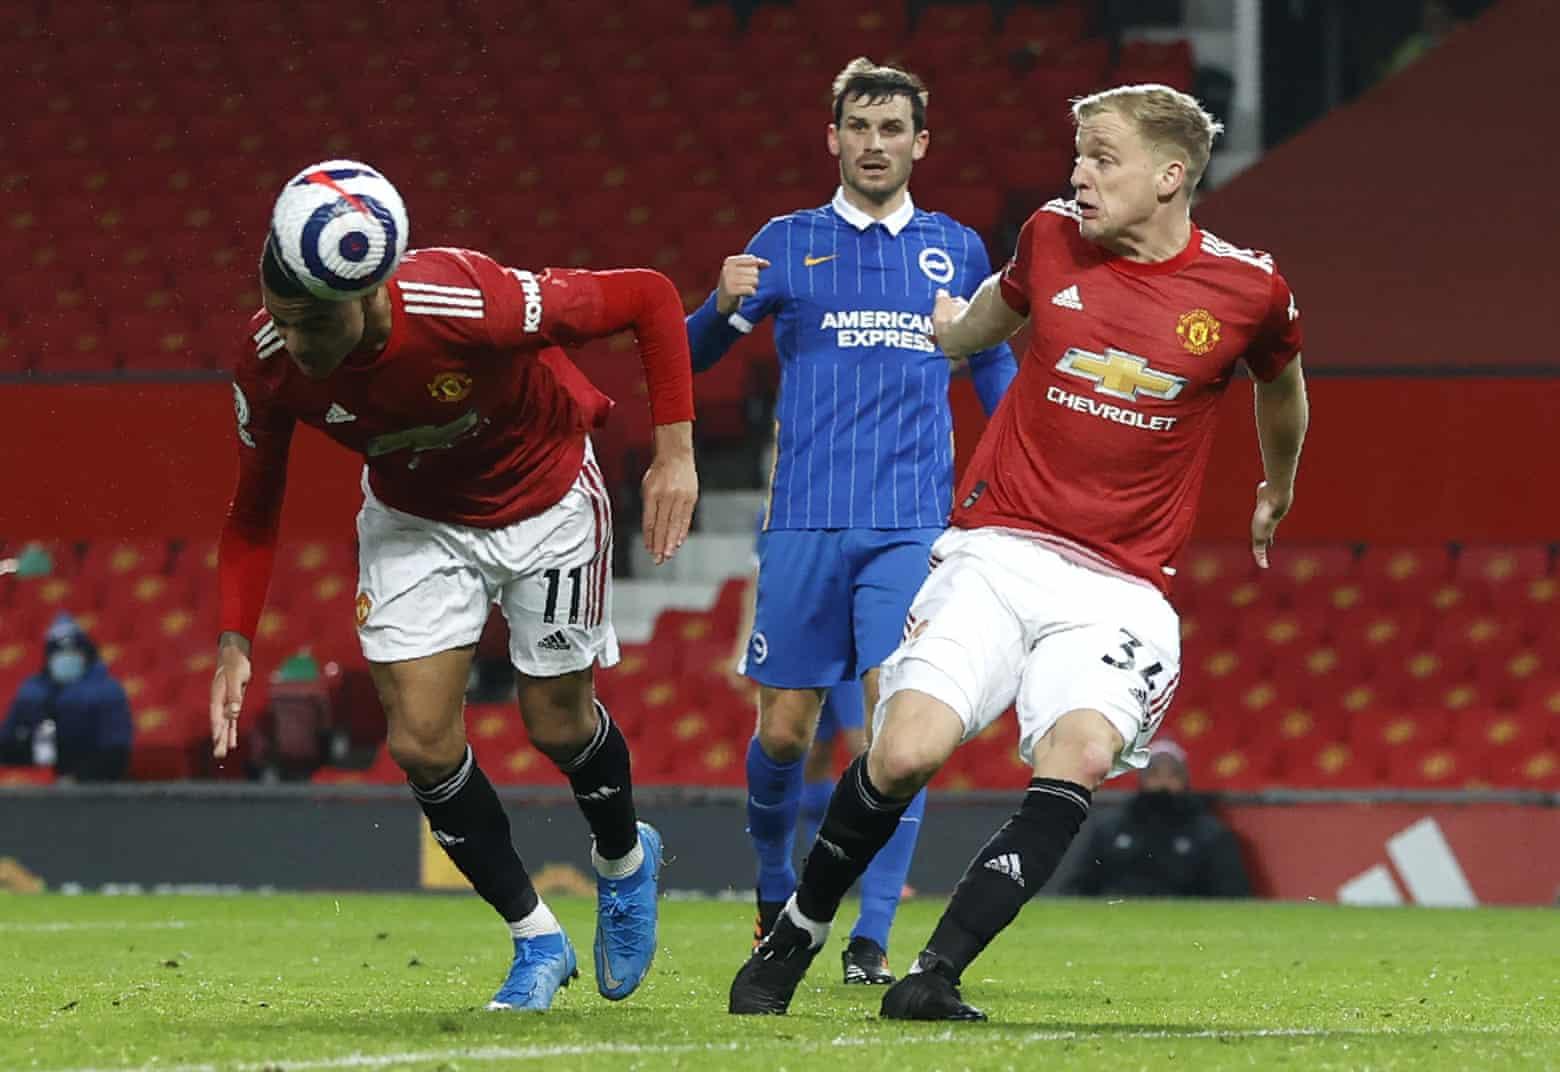 Greenwood đánh đầu ấn định thắng lợi 2-1 cho Man Utd trên sân Old Trafford hôm 4/4. Ảnh: AP